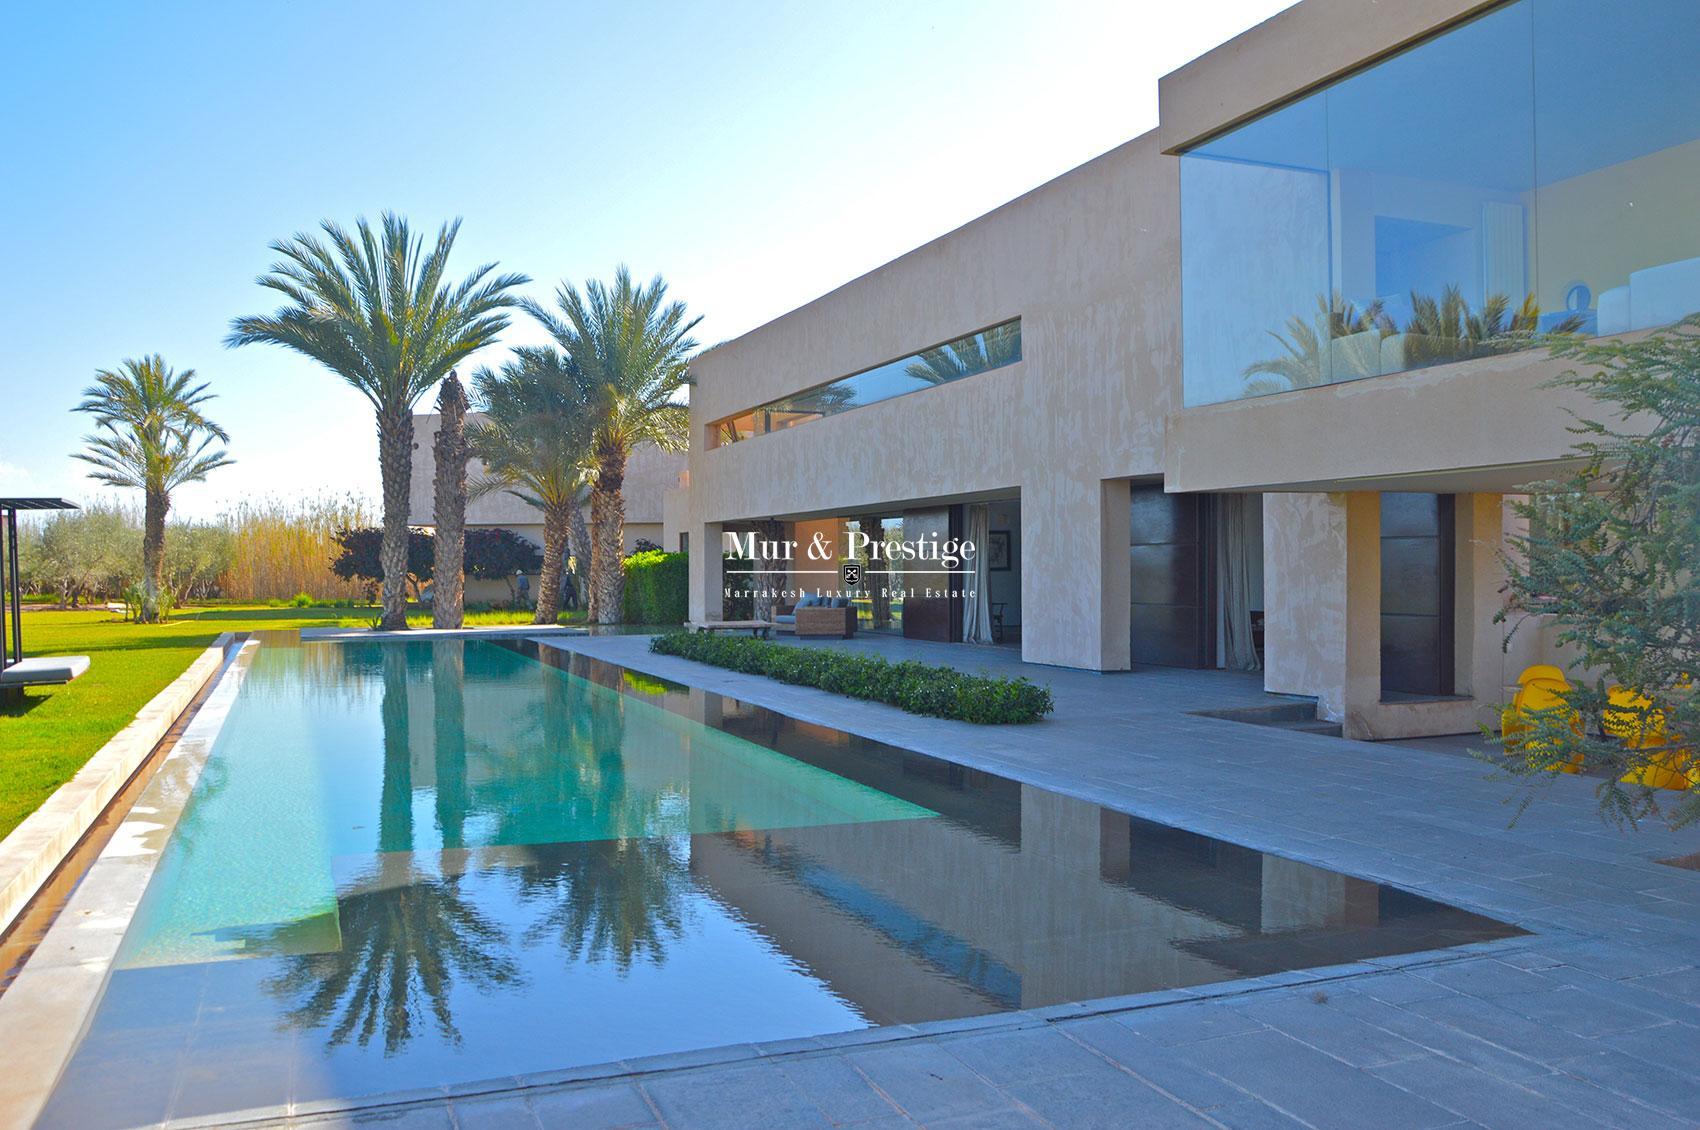 Achat villa de luxe Marrakech